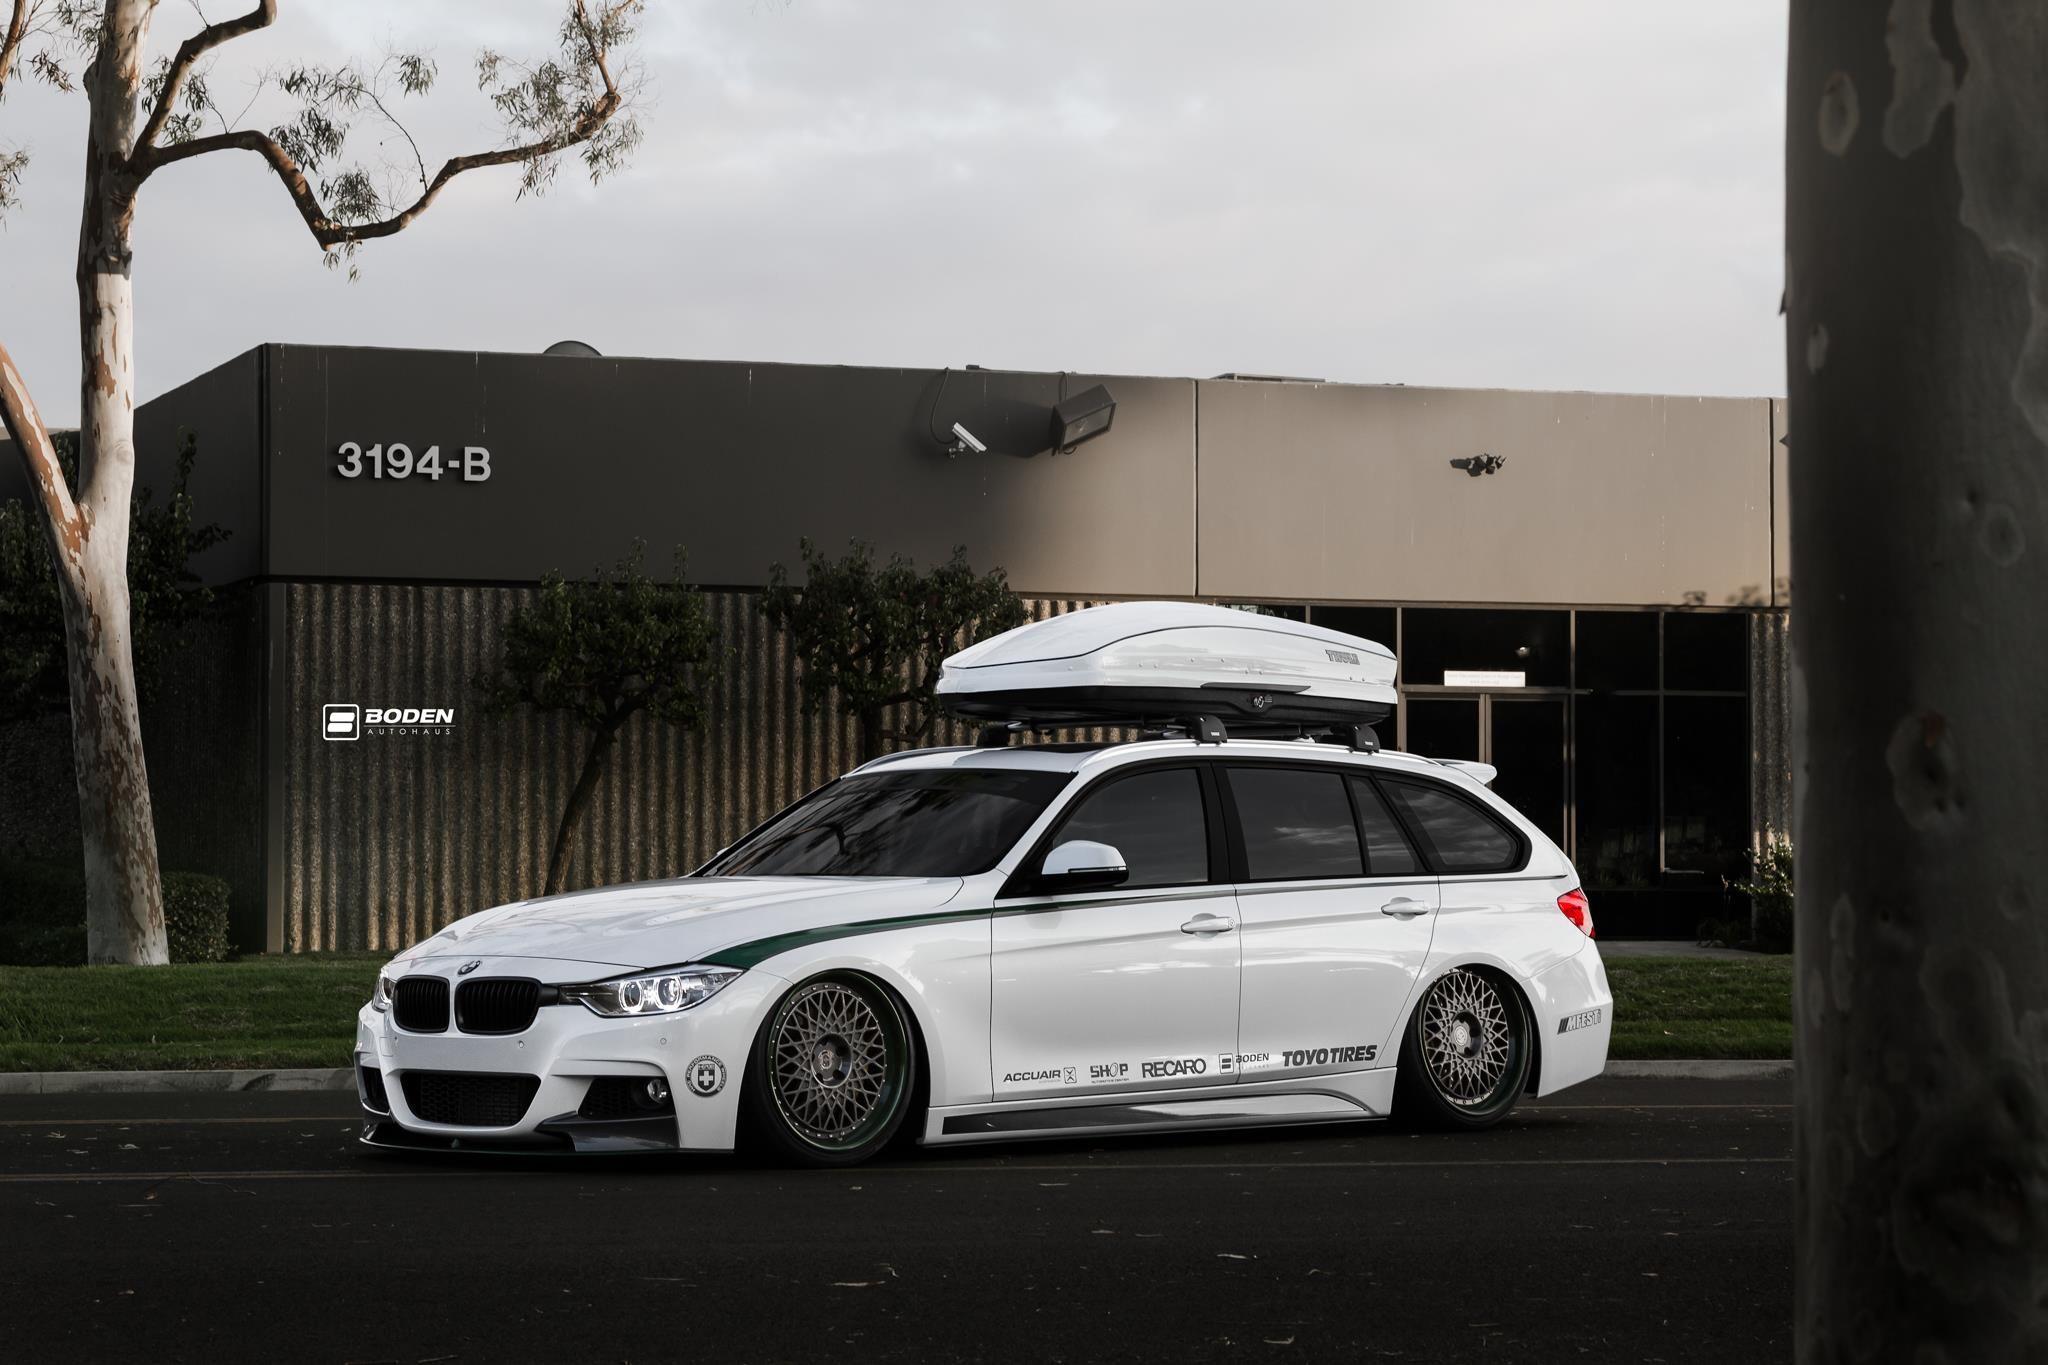 BMW Ix Sport Wagon By Bmwix Click To View More - 2014 bmw 328i sport wagon